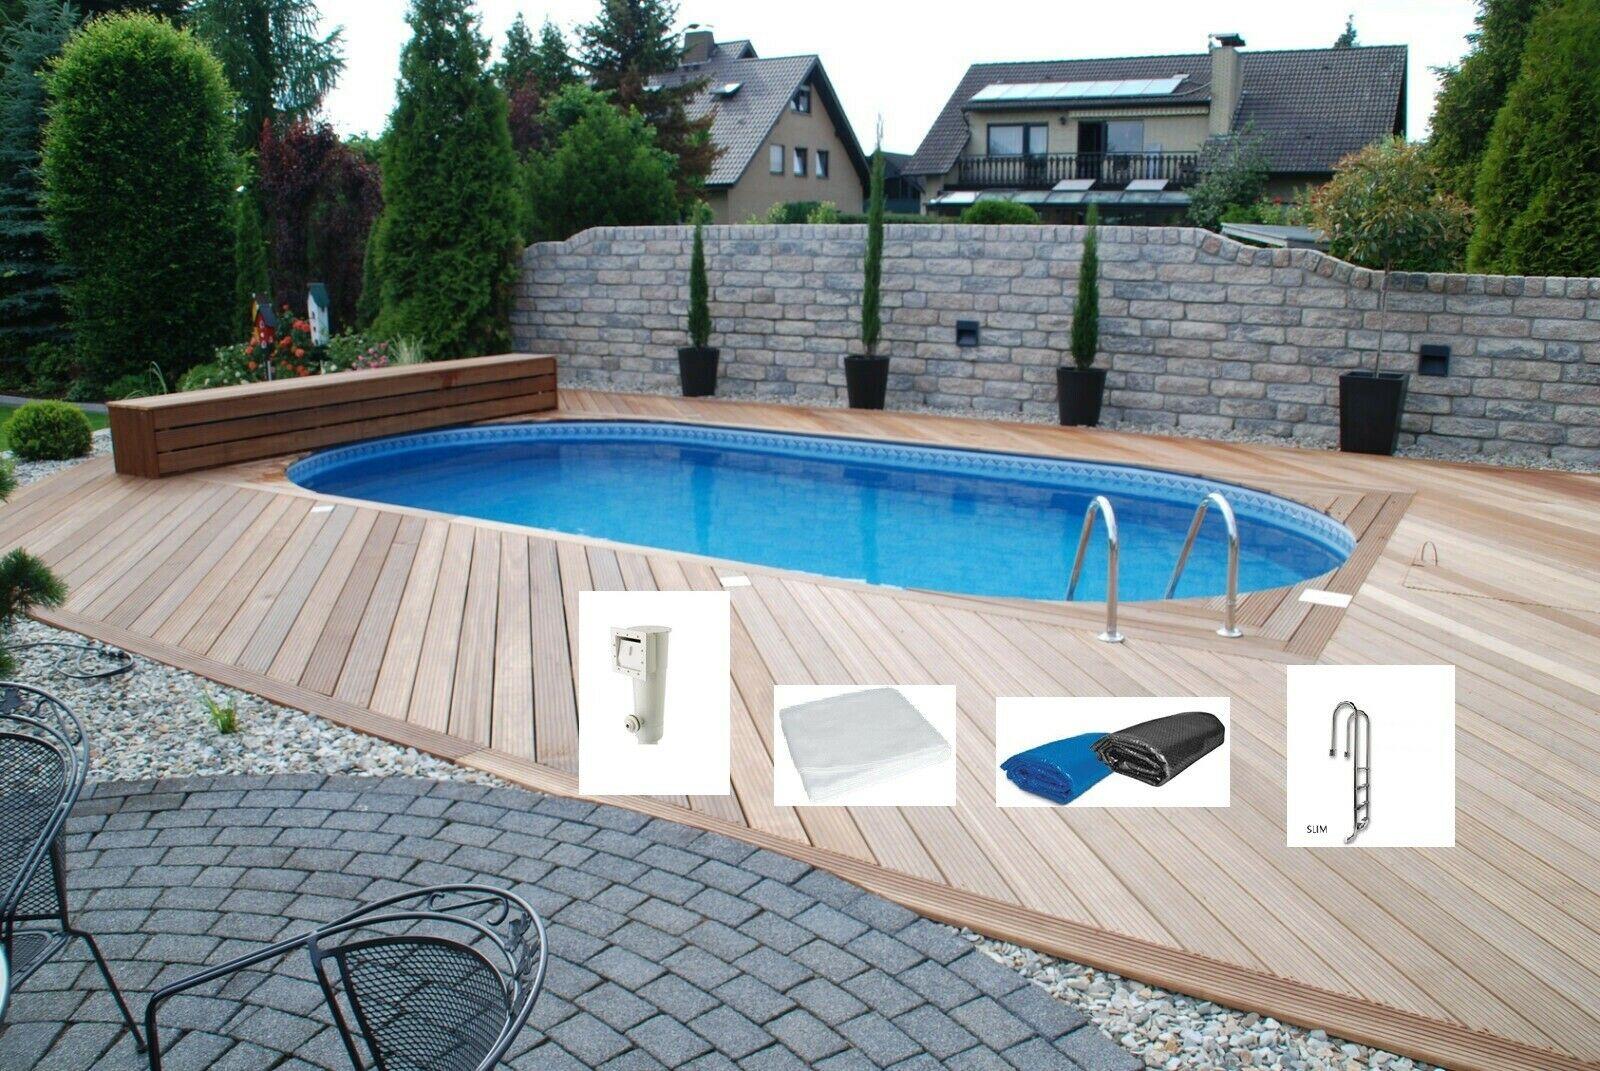 Full Size of Gartenpool Rechteckig Obi Intex 3m Garten Pool Holz Test Mit Sandfilteranlage Bestway Kaufen Pumpe Wohnzimmer Gartenpool Rechteckig